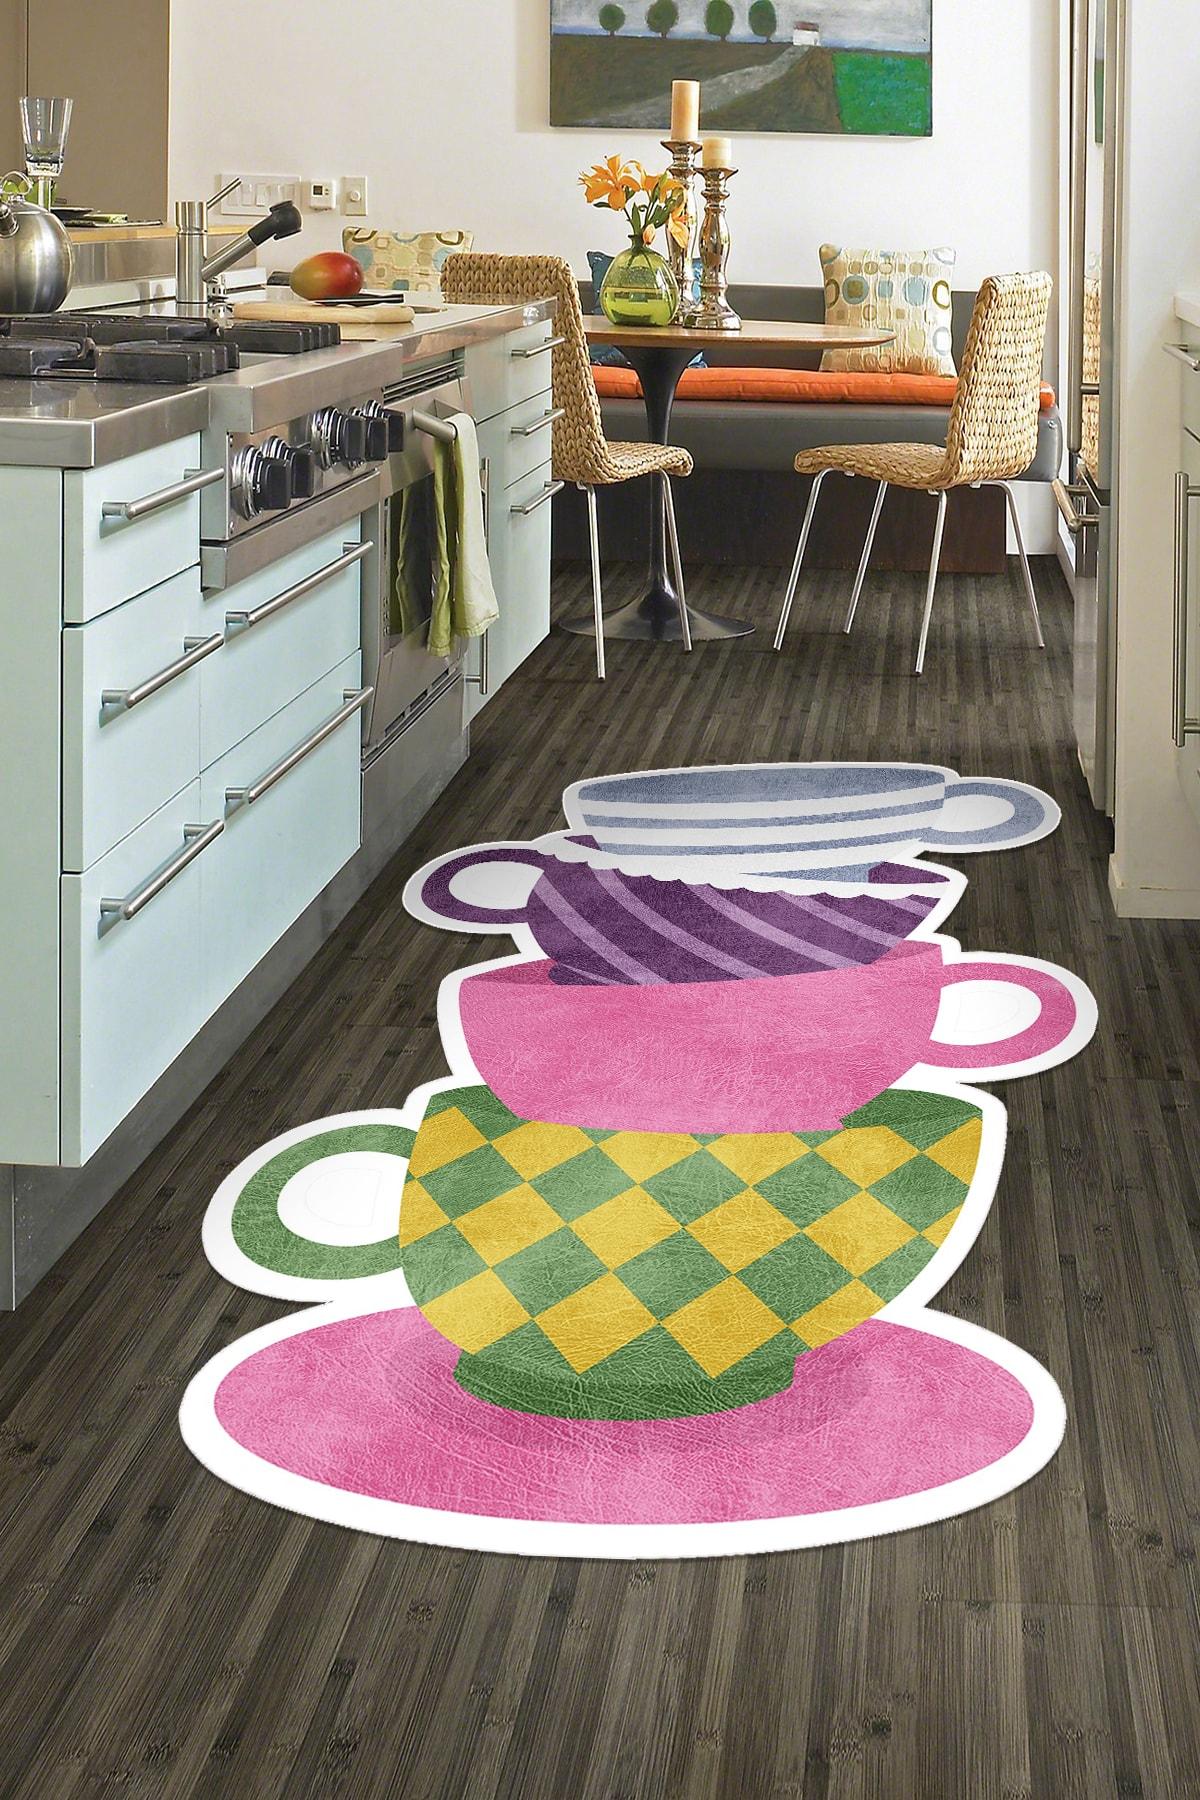 colizon Dekoratif Yıkanabilir Kaymaz Tabanlı Lazer Kesimli Mutfak Halısı 1